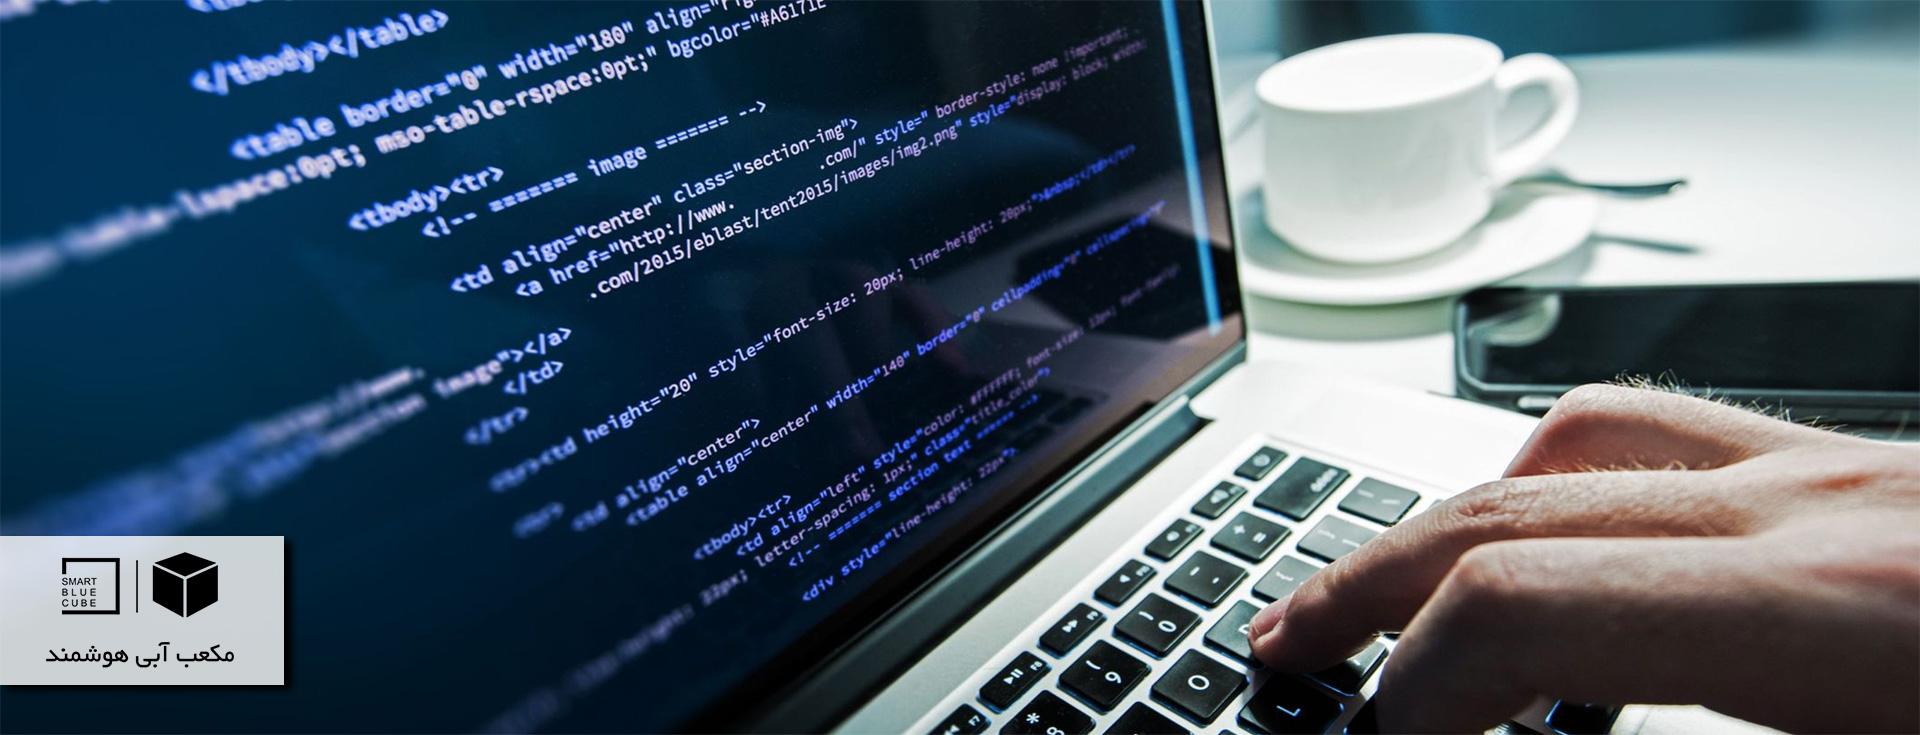 طراحی وب سایت اینترنتی